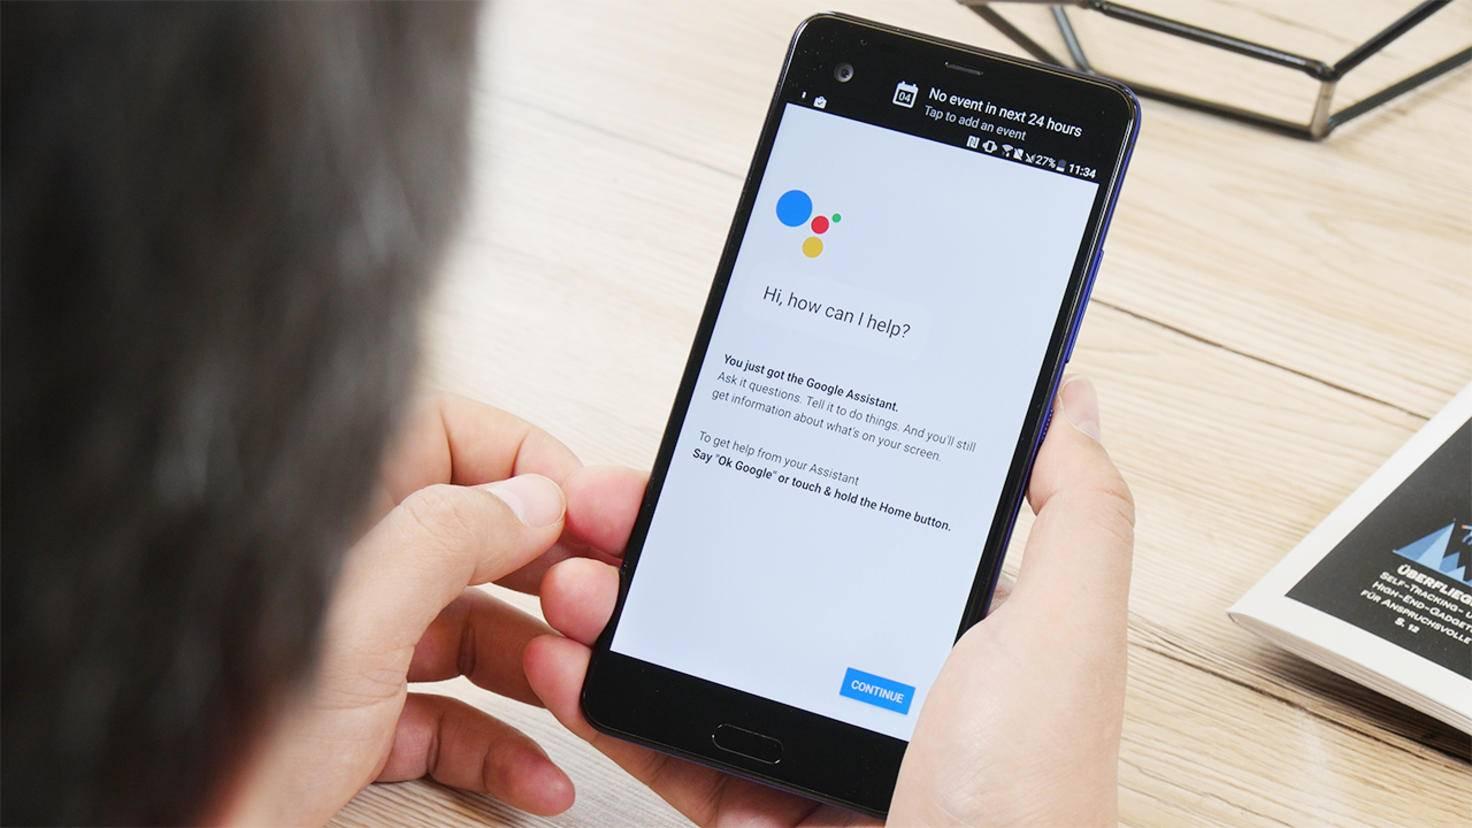 170505_Help_GoogleAssistantFreischalten_Thumbnail_NoBrand